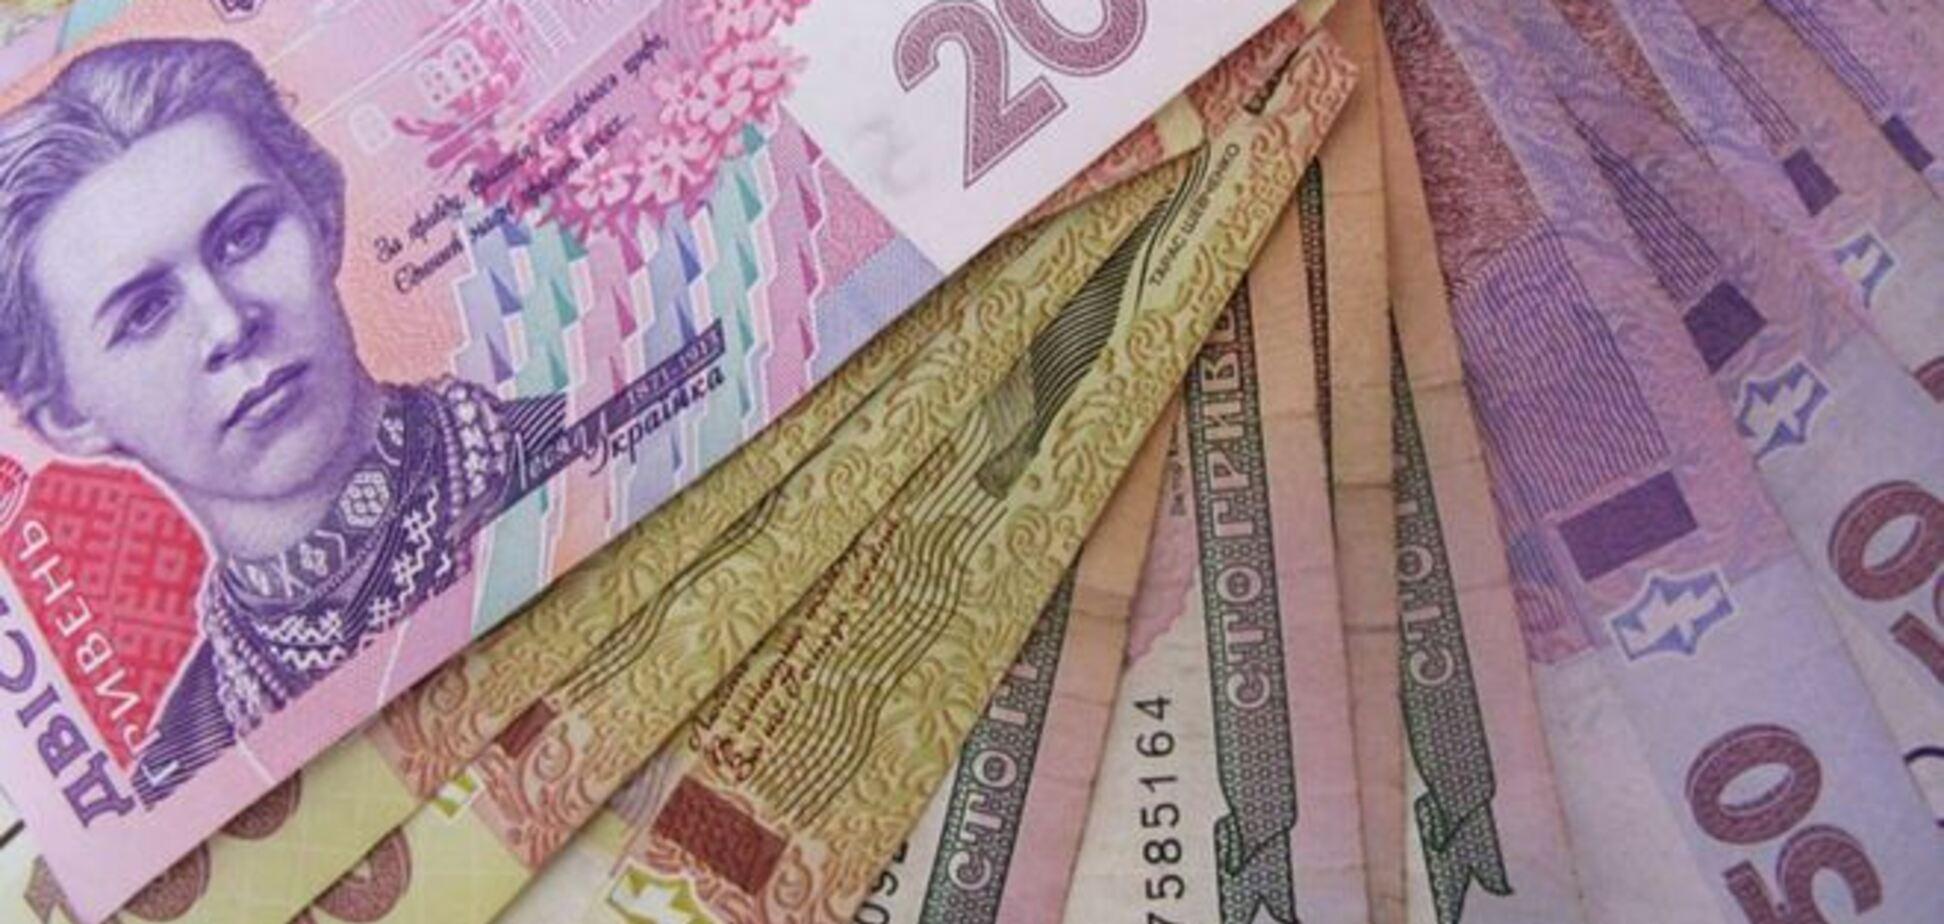 Как оформить пенсию и другие соцвыплаты переселенцам с Донбасса: полезные советы